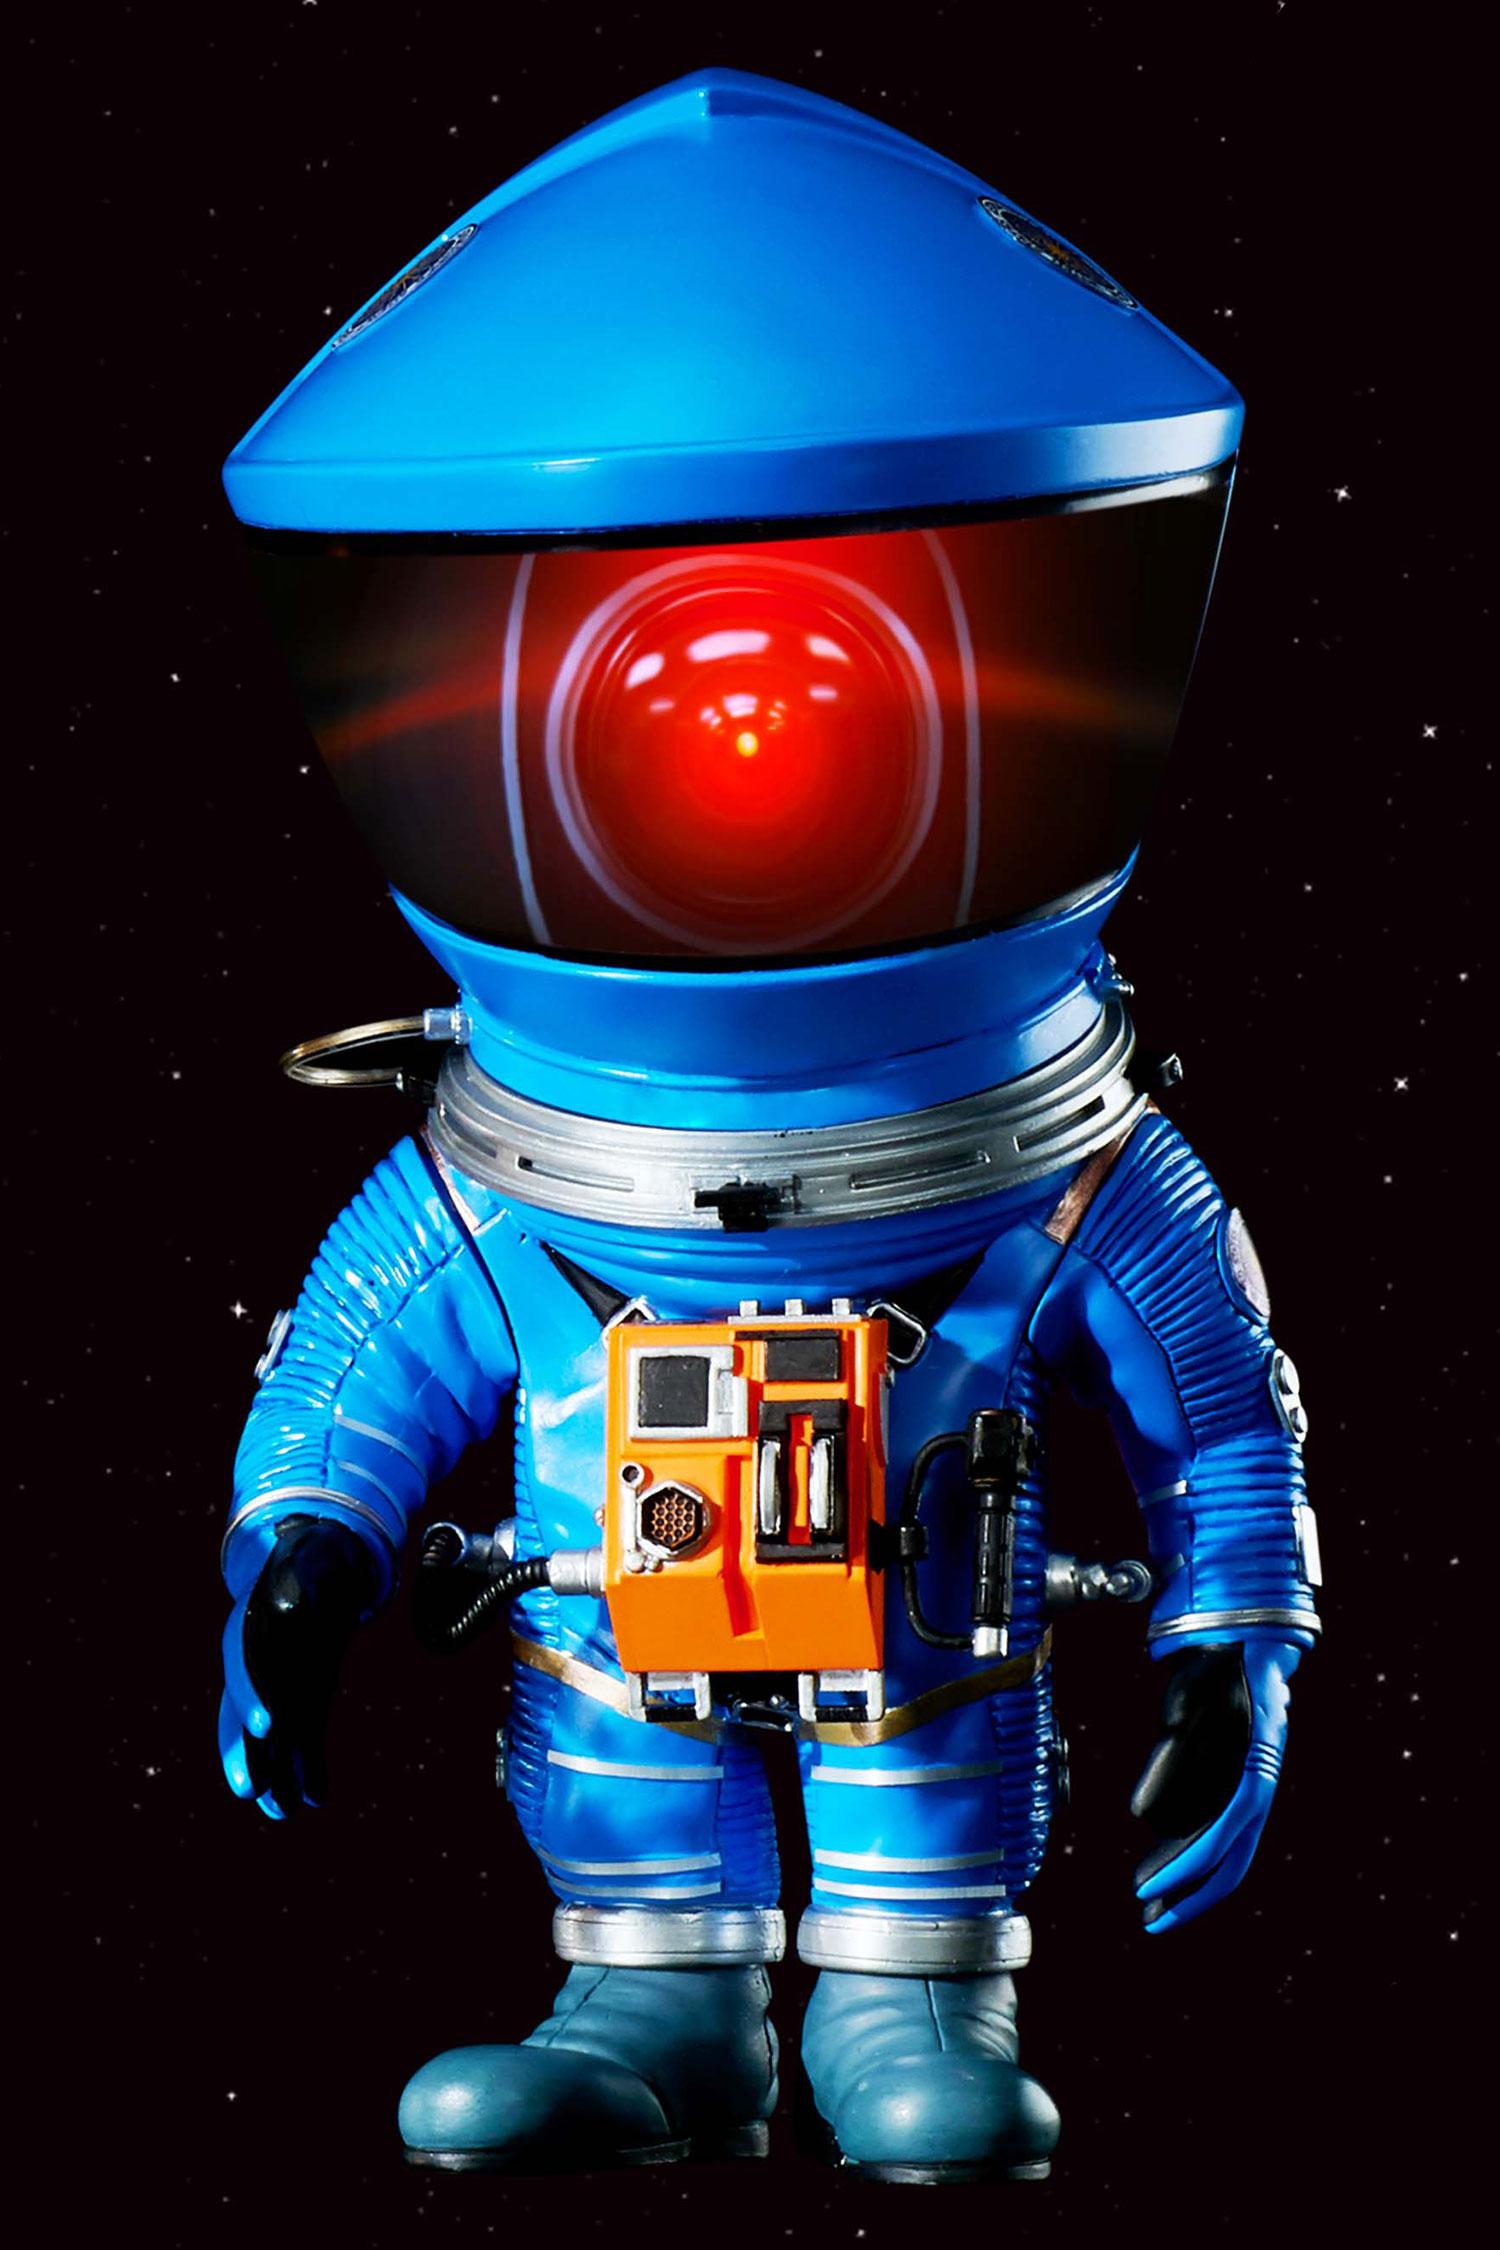 Astronaut Blue Space Suit Version (PVC)